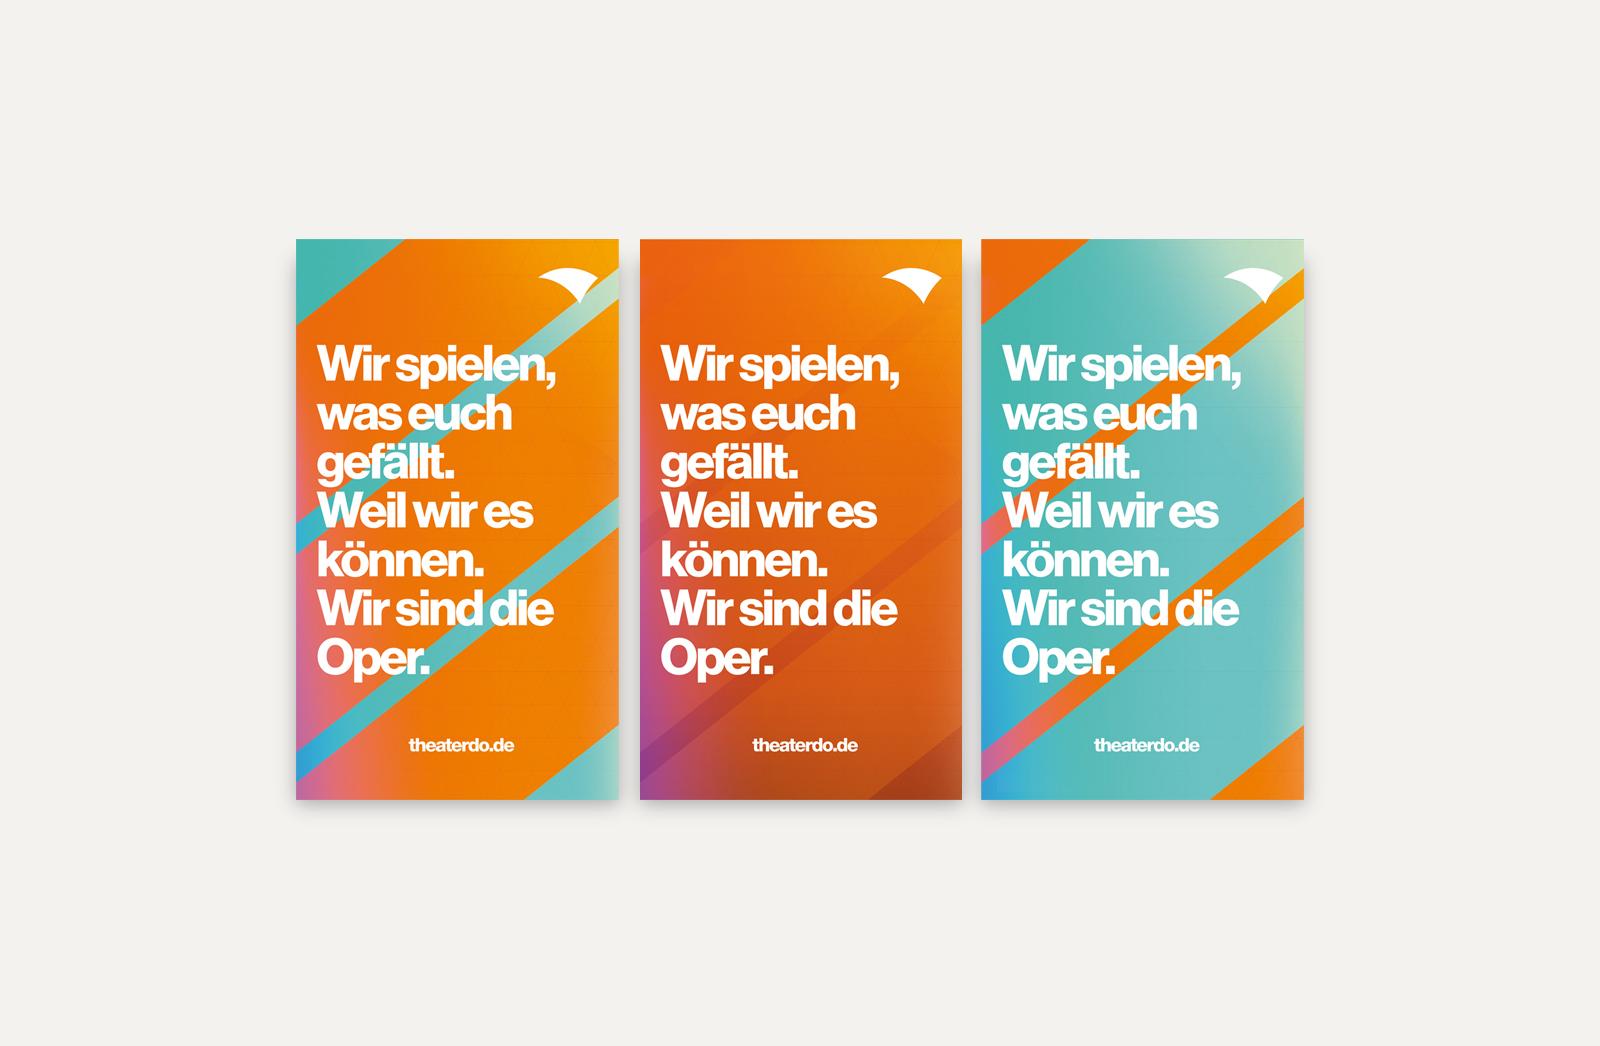 kveln_OD_Oper_1